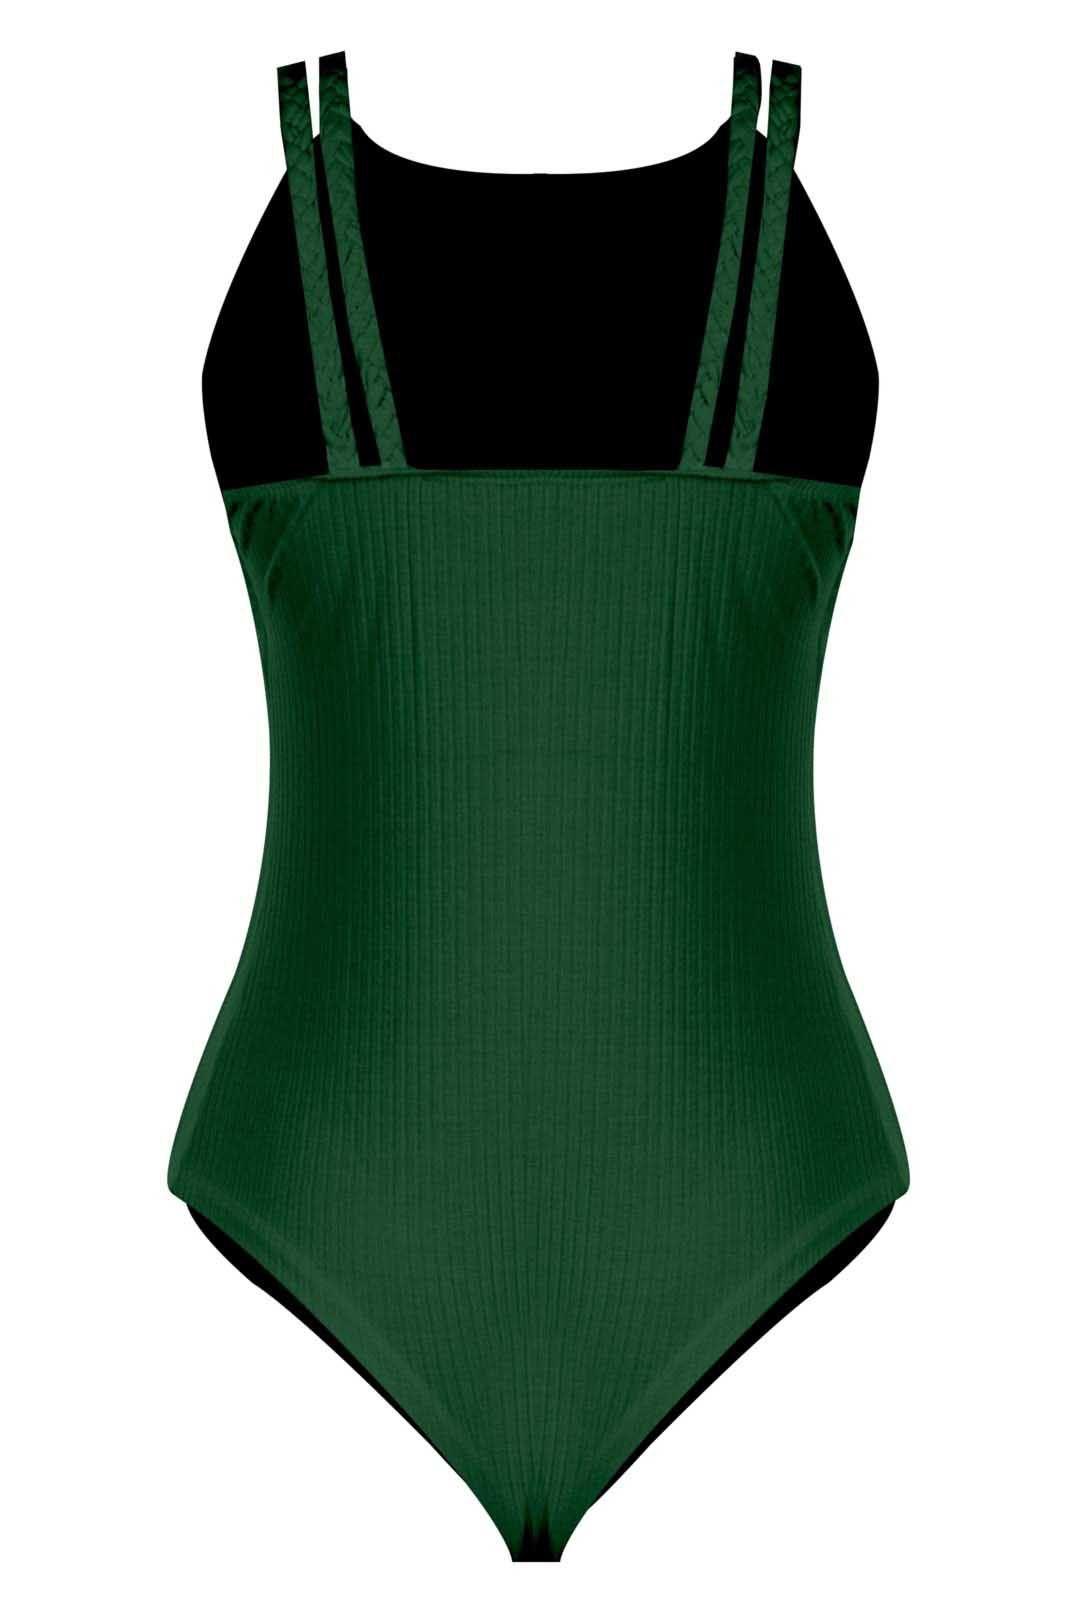 Body Outlet Dri Feminino Canelado Decote Fechado Detalhe Alça Trança Verde